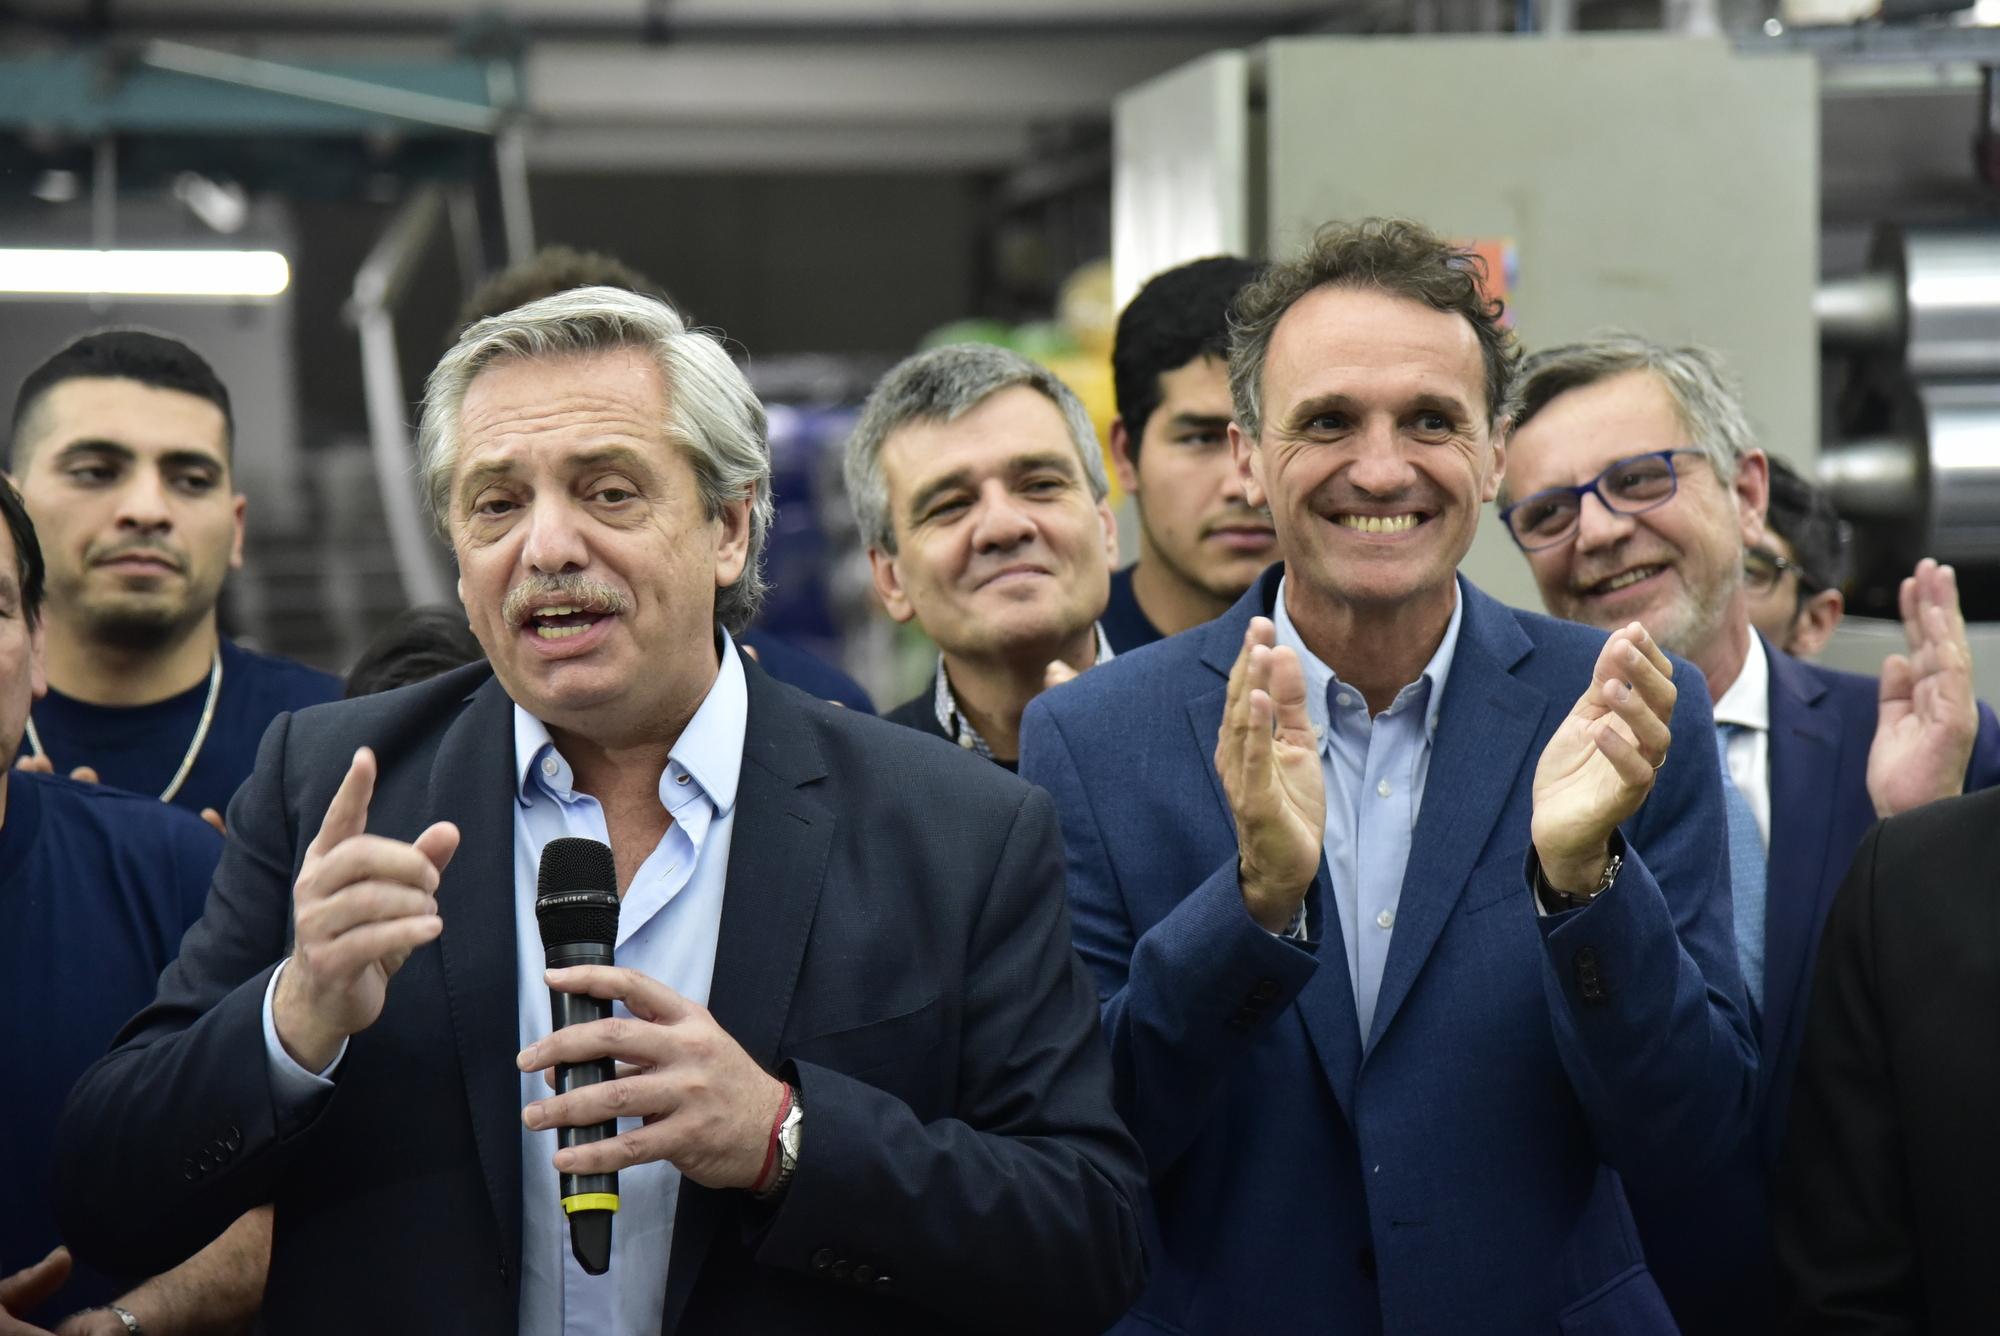 San Martín/ Con eje en la reactivación económica Alberto, Massa y Katopodis anunciaron la inversión en una empresa textil